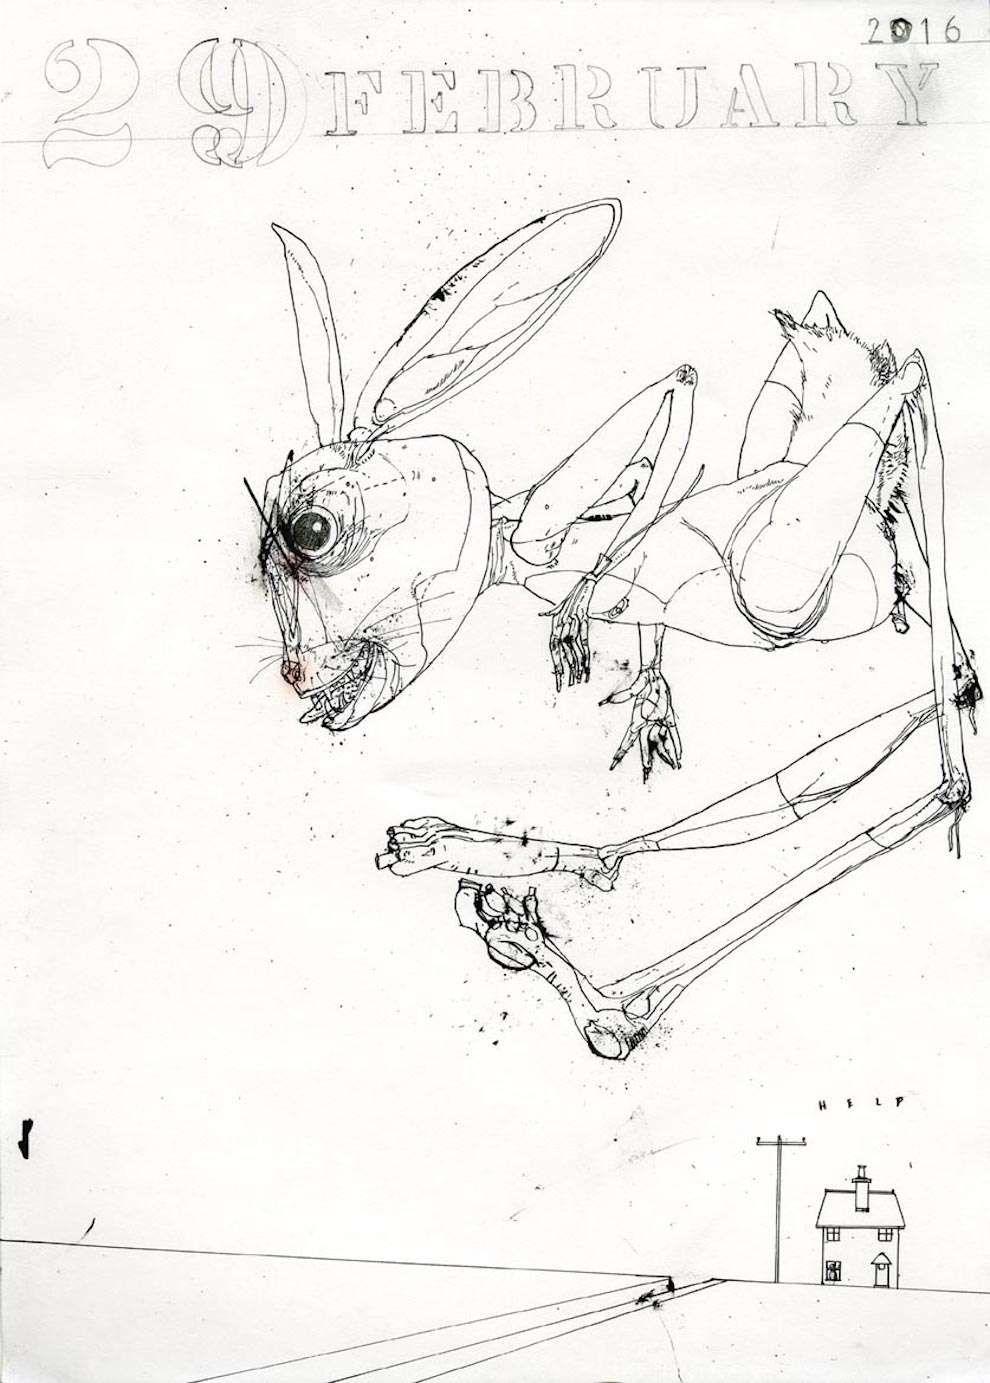 David Hughes, Line art illustration of a evil looking ...